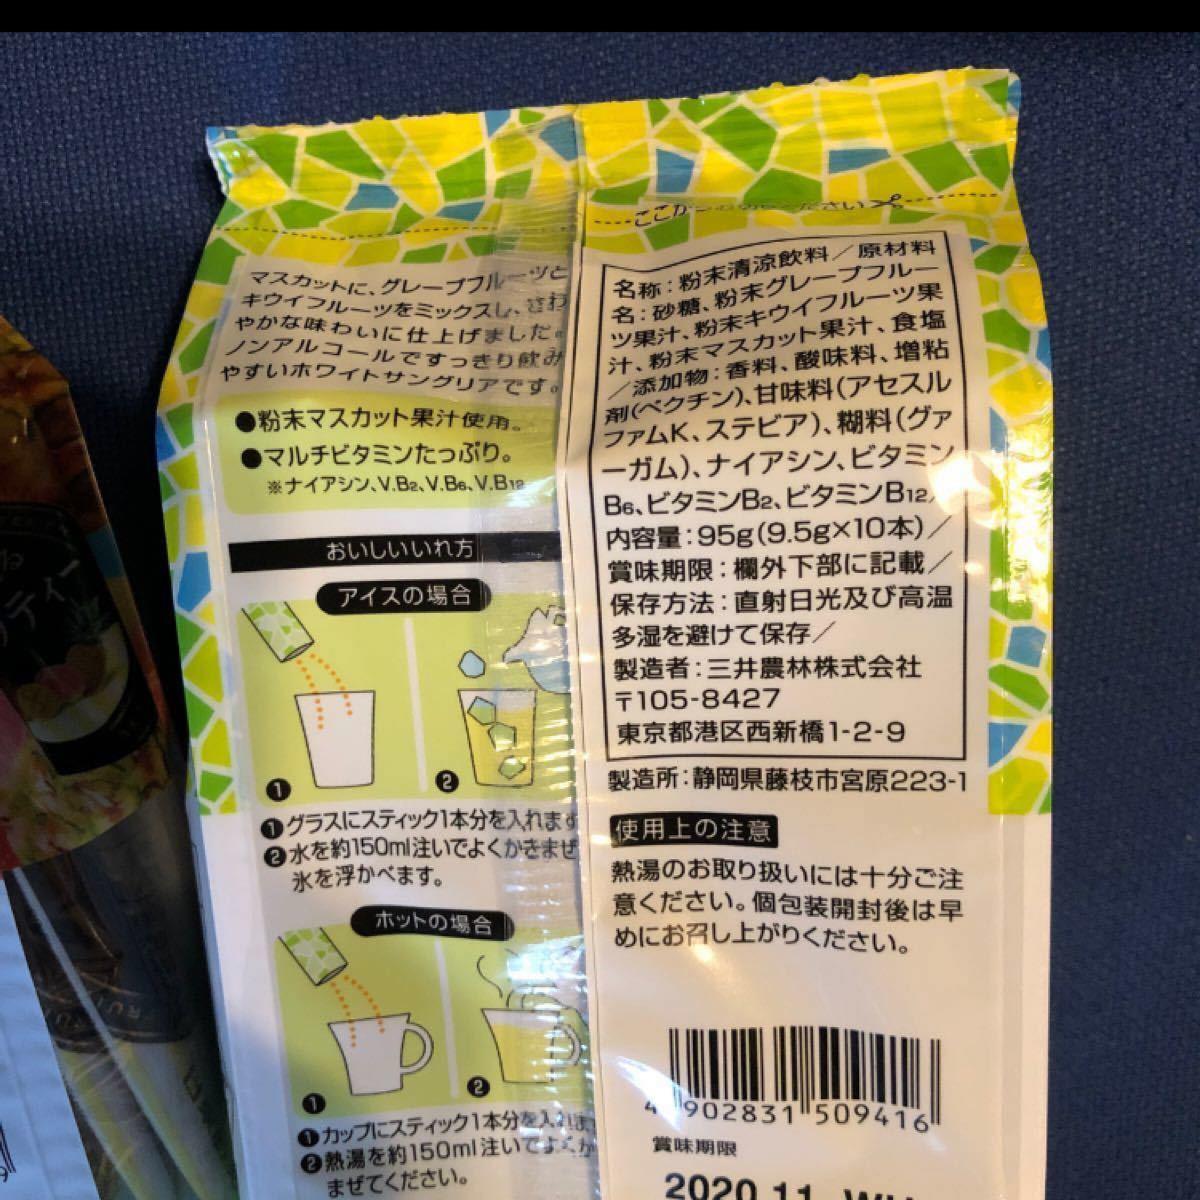 日東紅茶 フルーツティ サングリア 各10本入り計20本